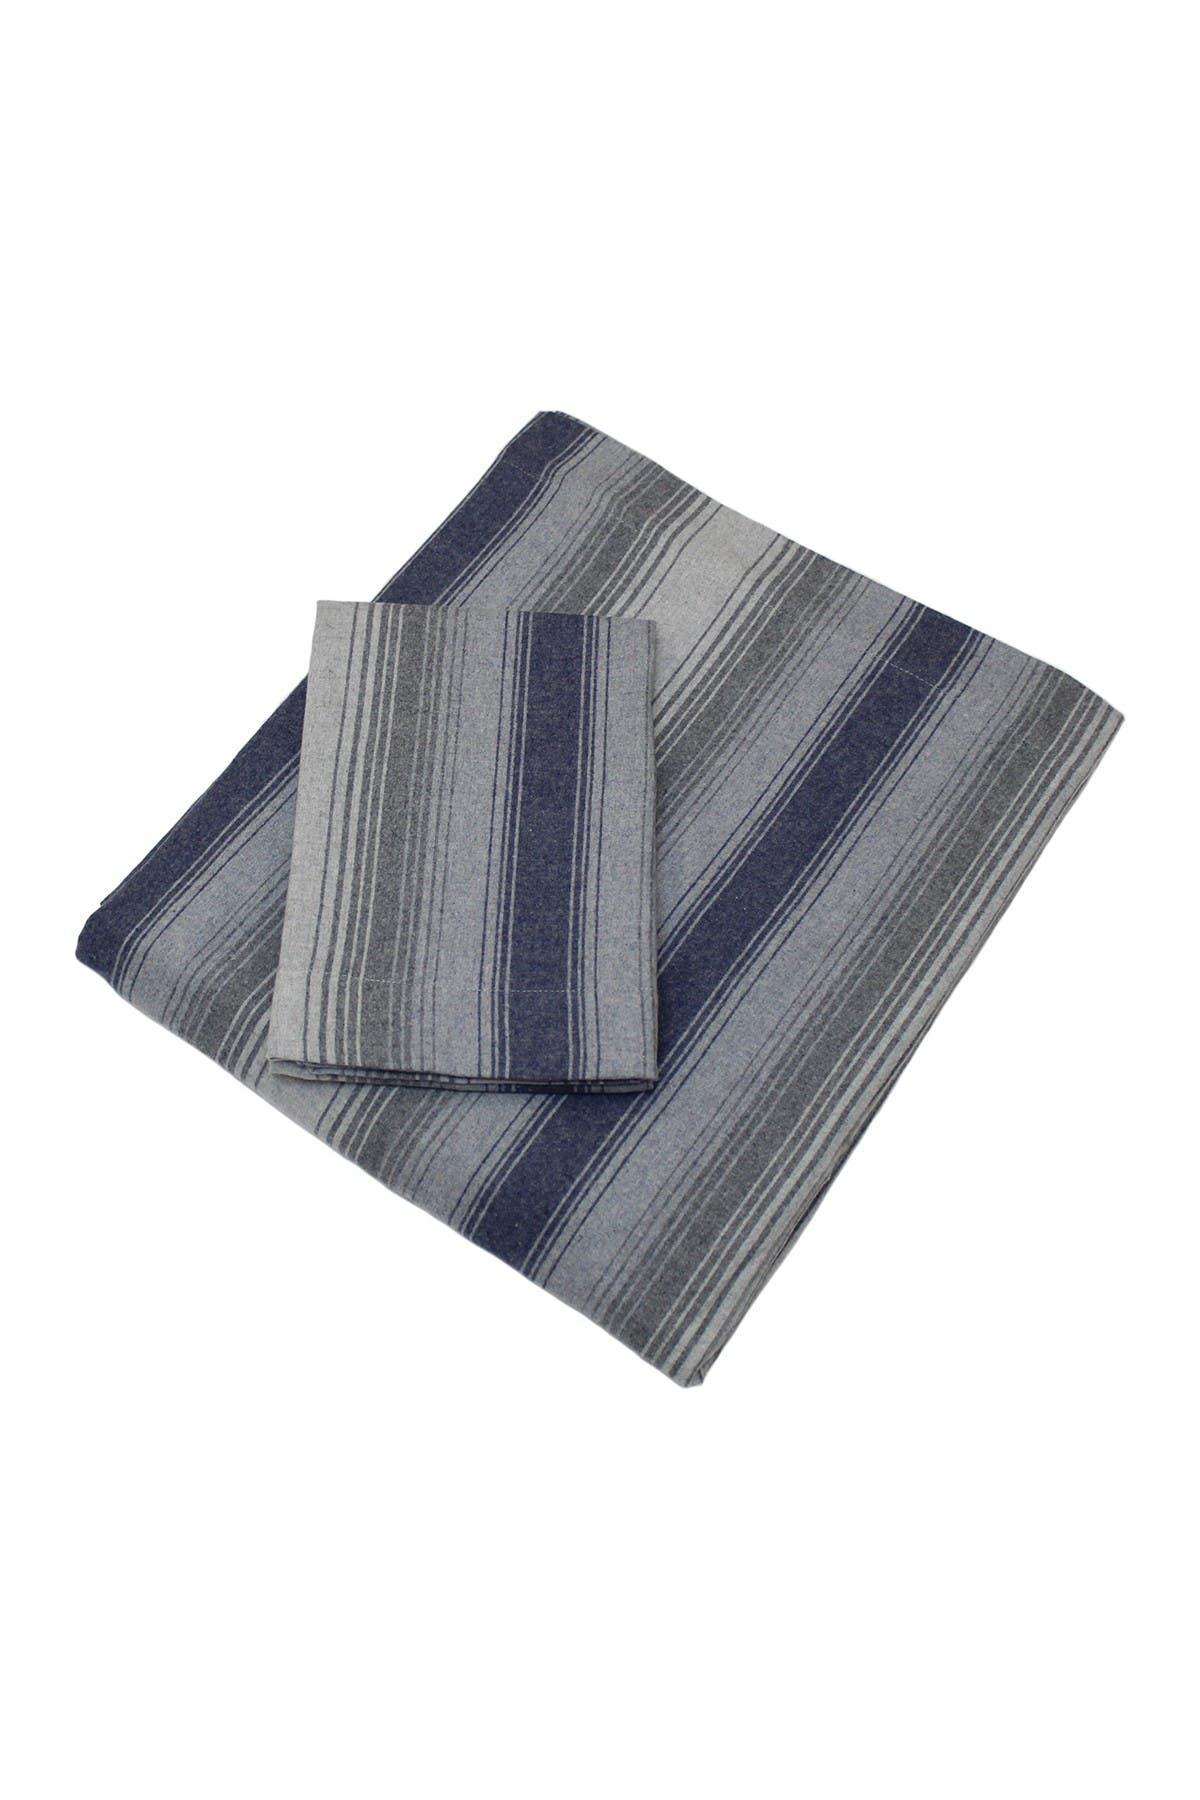 Image of Belle Epoque Flannel Sheet Set Blue/Grey Stripe - Cal King